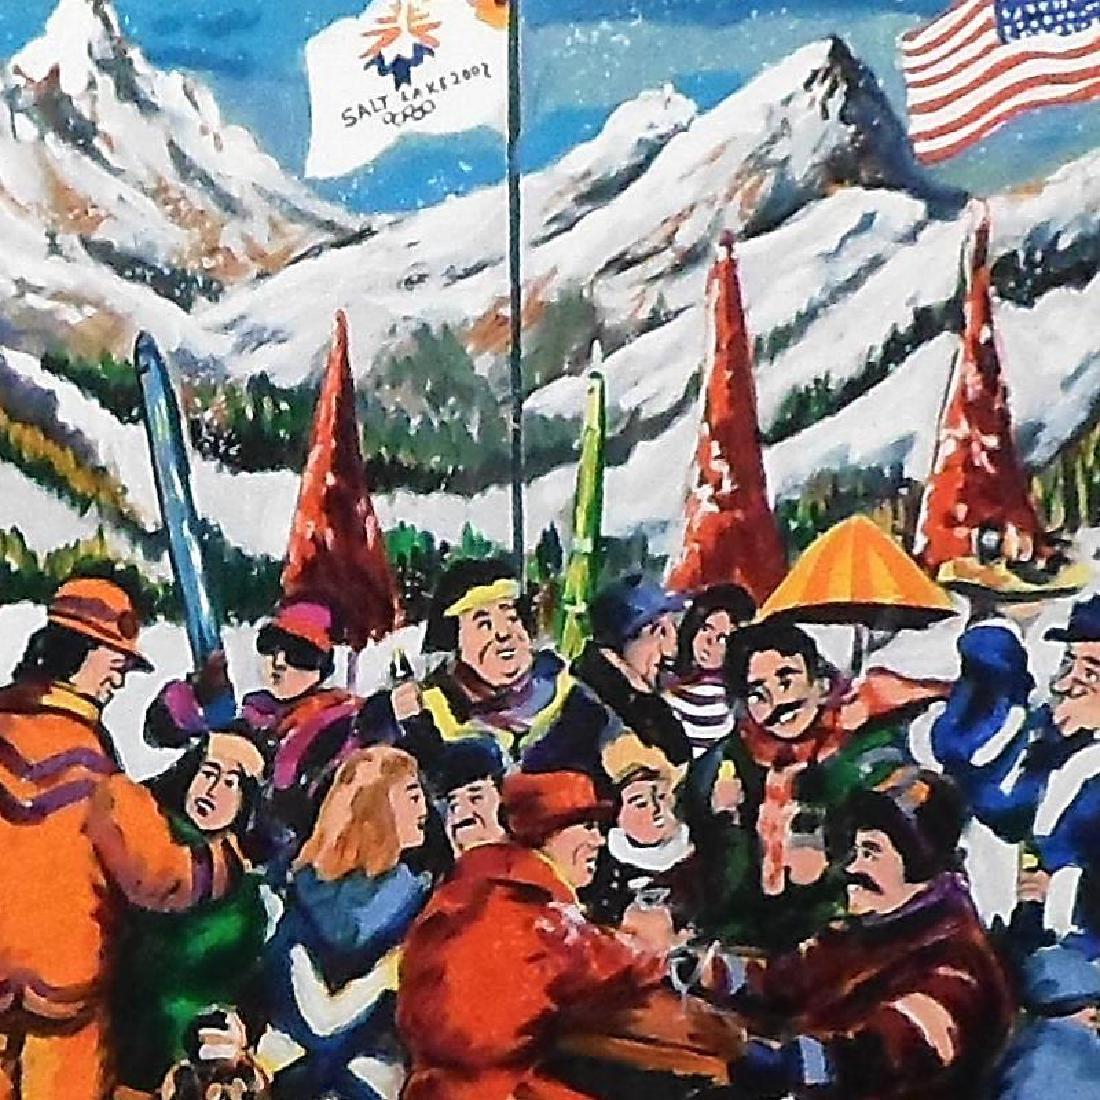 Salt Lake City 2002 by Buffet, Guy - 2